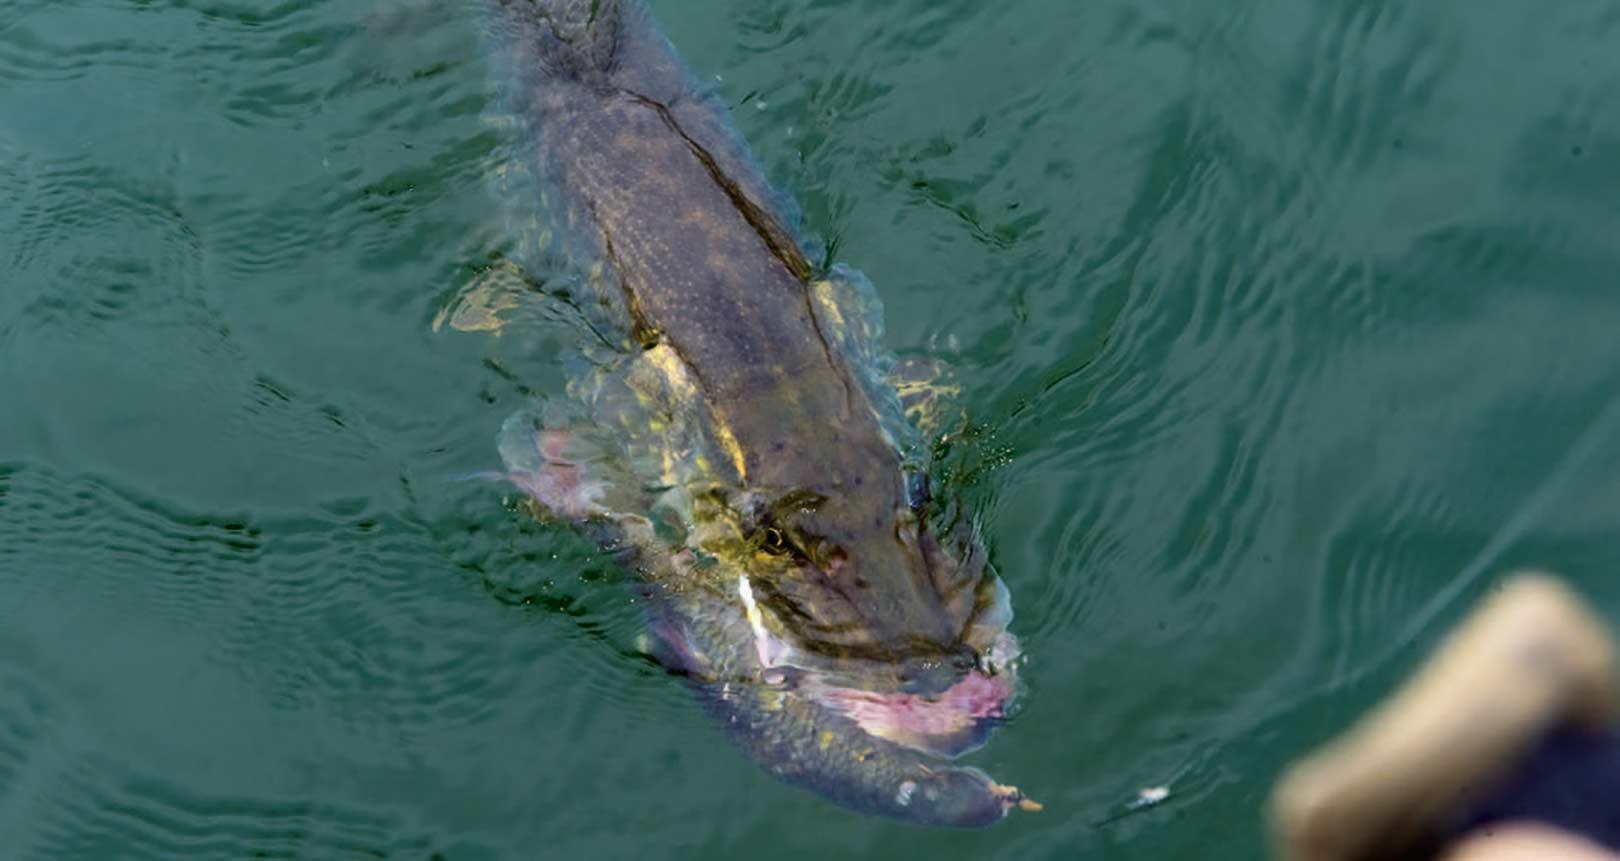 Denne flotte gedde faldt for flådfisket levende agn - en af de suverænt mest effektive metoder især i koldt vand.